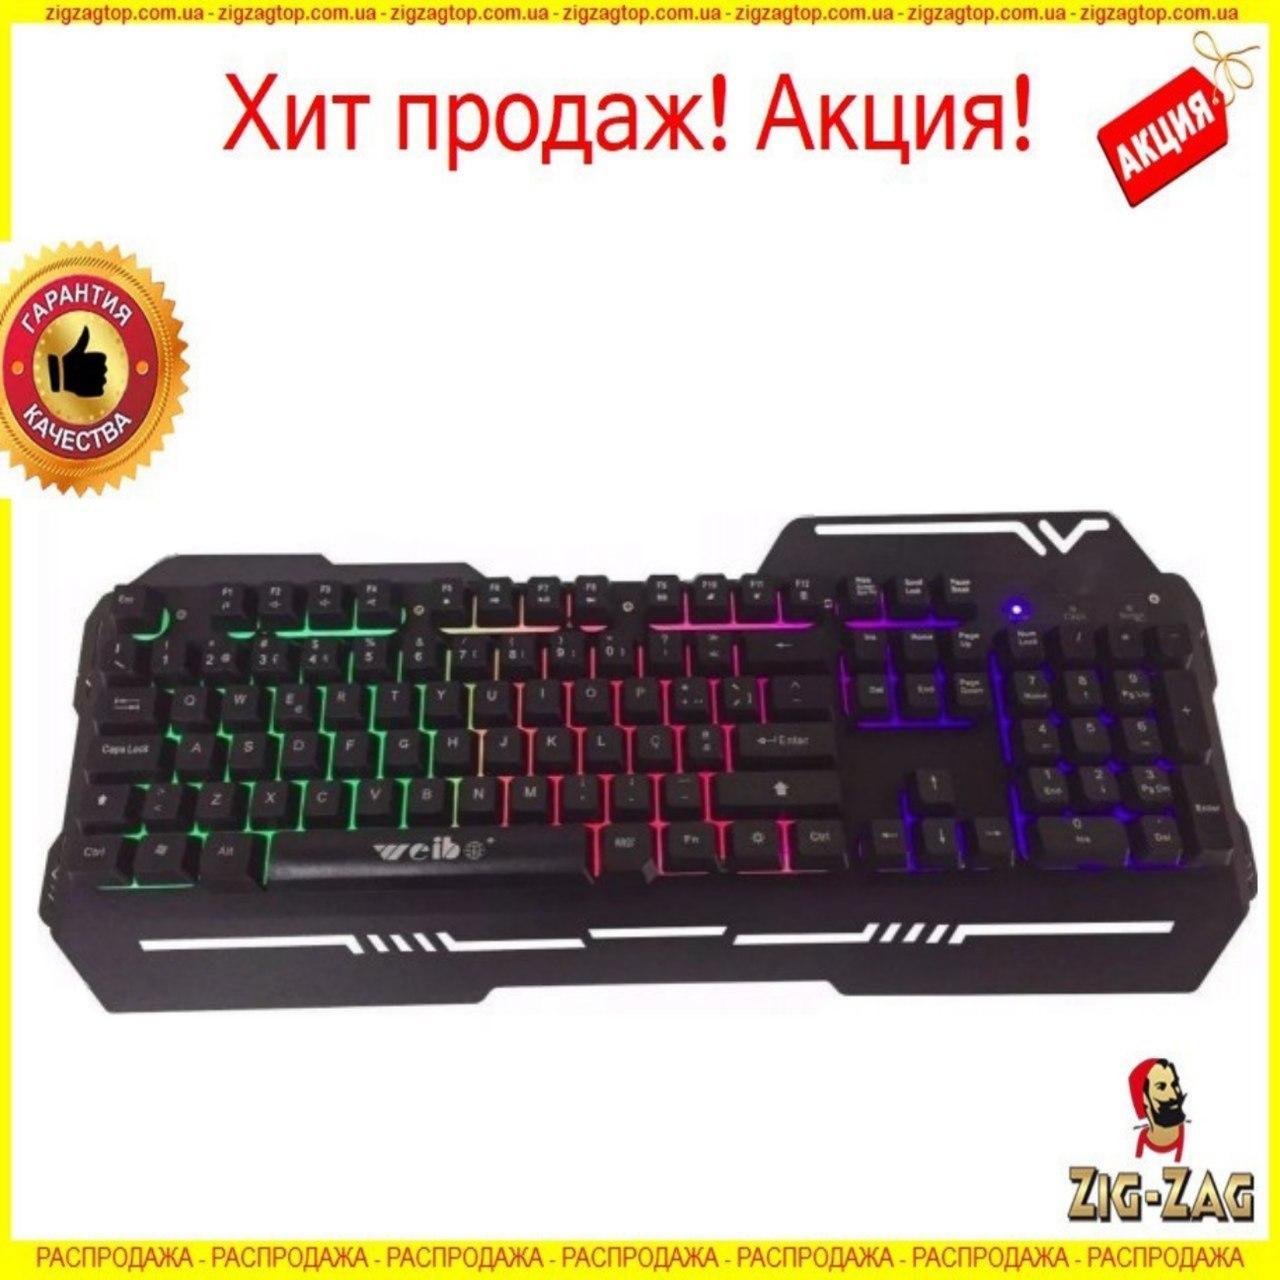 Ігрова клавіатура WB-539 з підсвічуванням клавіш Геймерська клавіатура USB підсвічуванням RGB Універсальна NEW